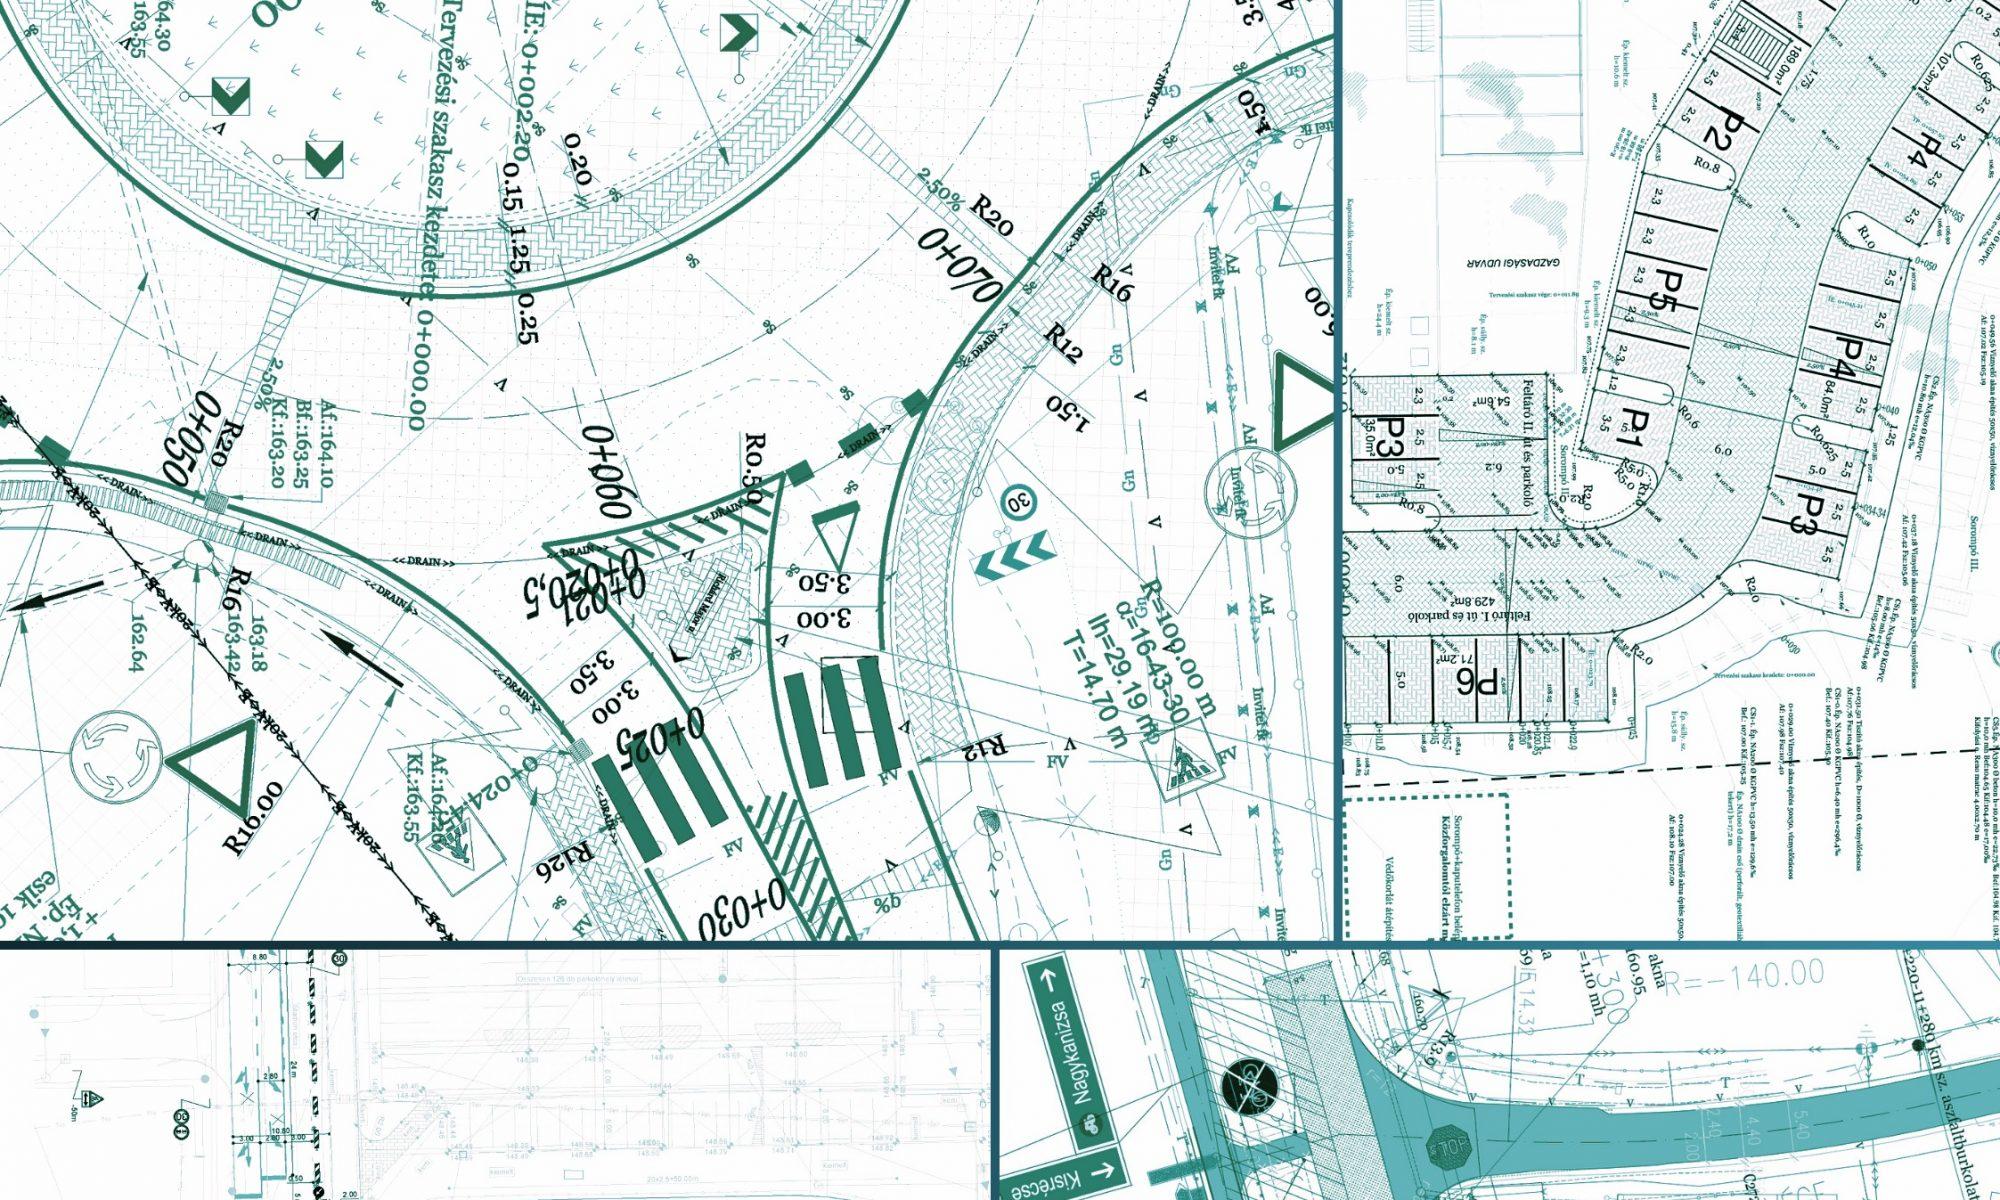 GM Road Plan